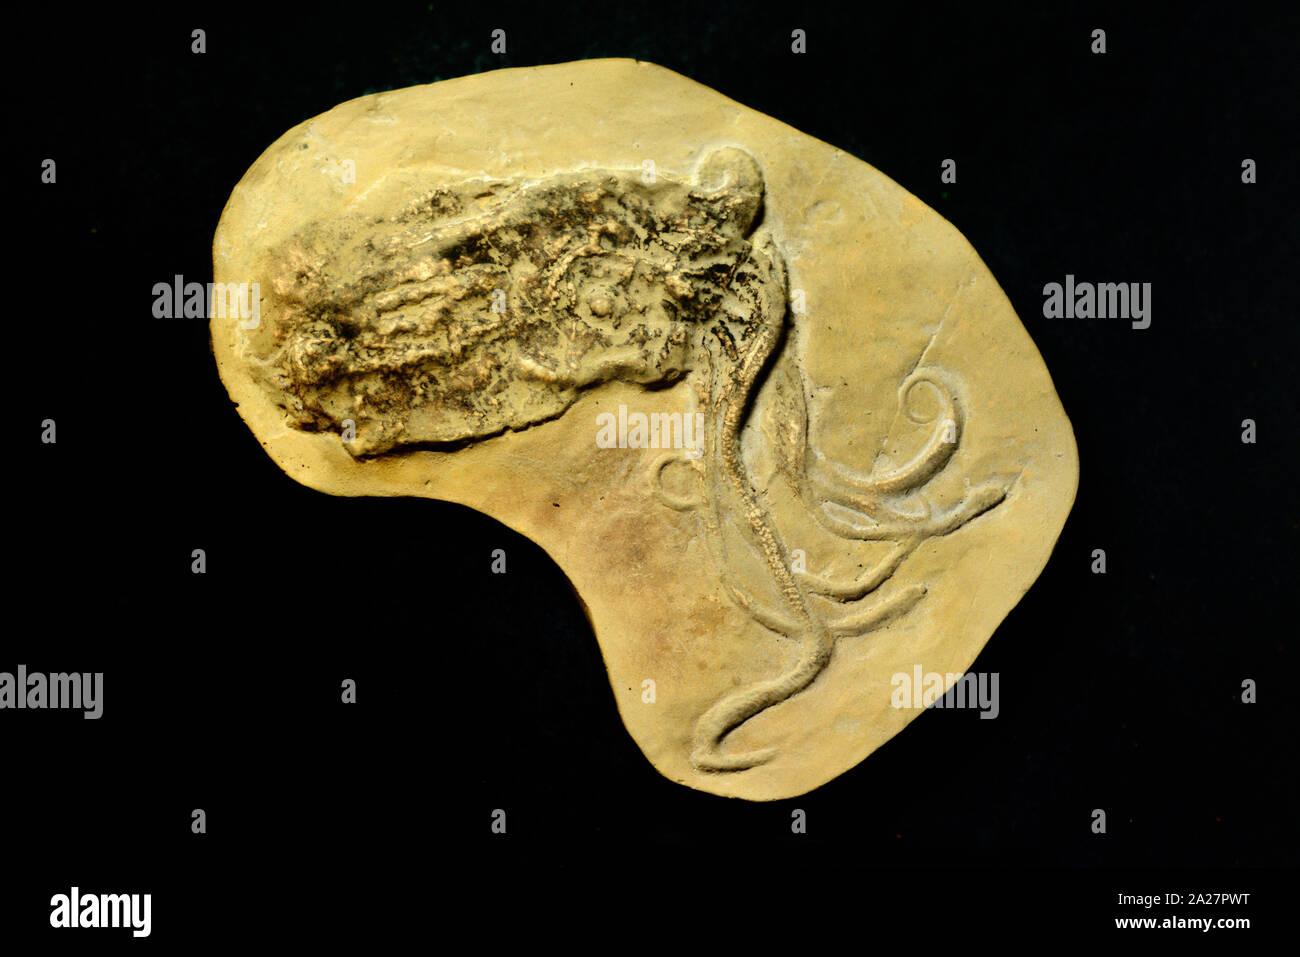 Proteroctopus ribeti Fossil, eine ausgestorbene Primitive Octopod oder Tintenfisch aus dem Jurassic Era 160 MA in der Region Ardèche Frankreich gefunden Stockfoto